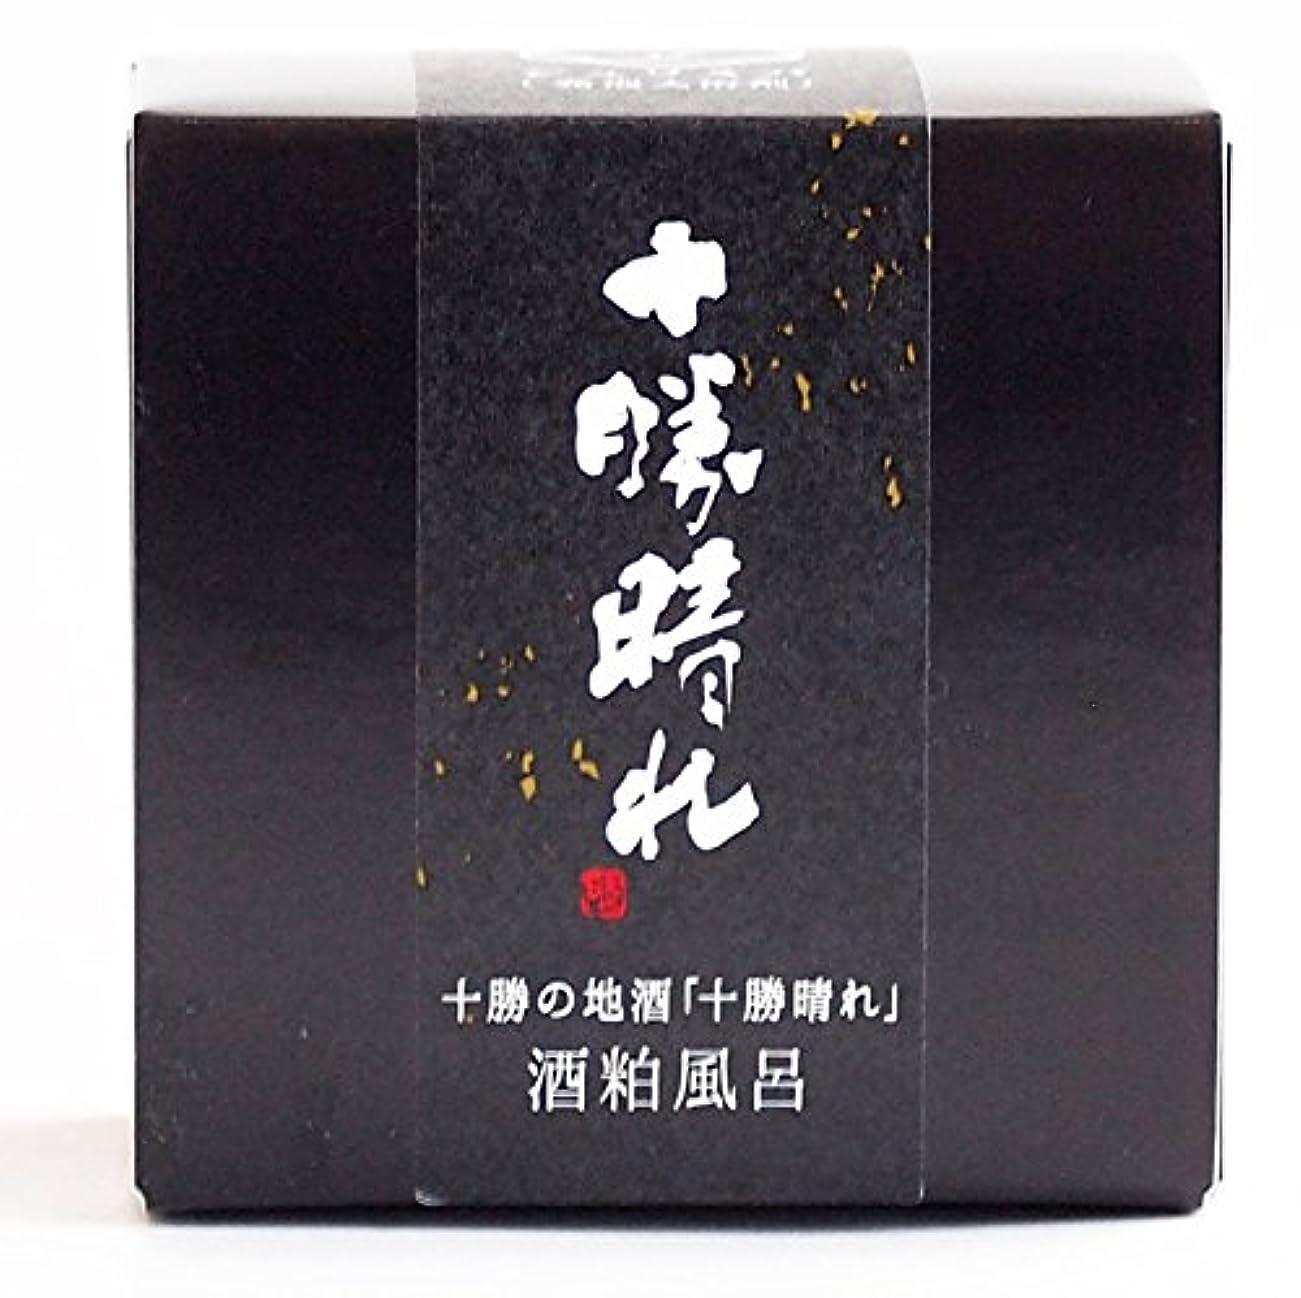 慣性関係慈悲シュワスパ 十勝晴れの酒粕風呂 (Mサイズ2個セット)